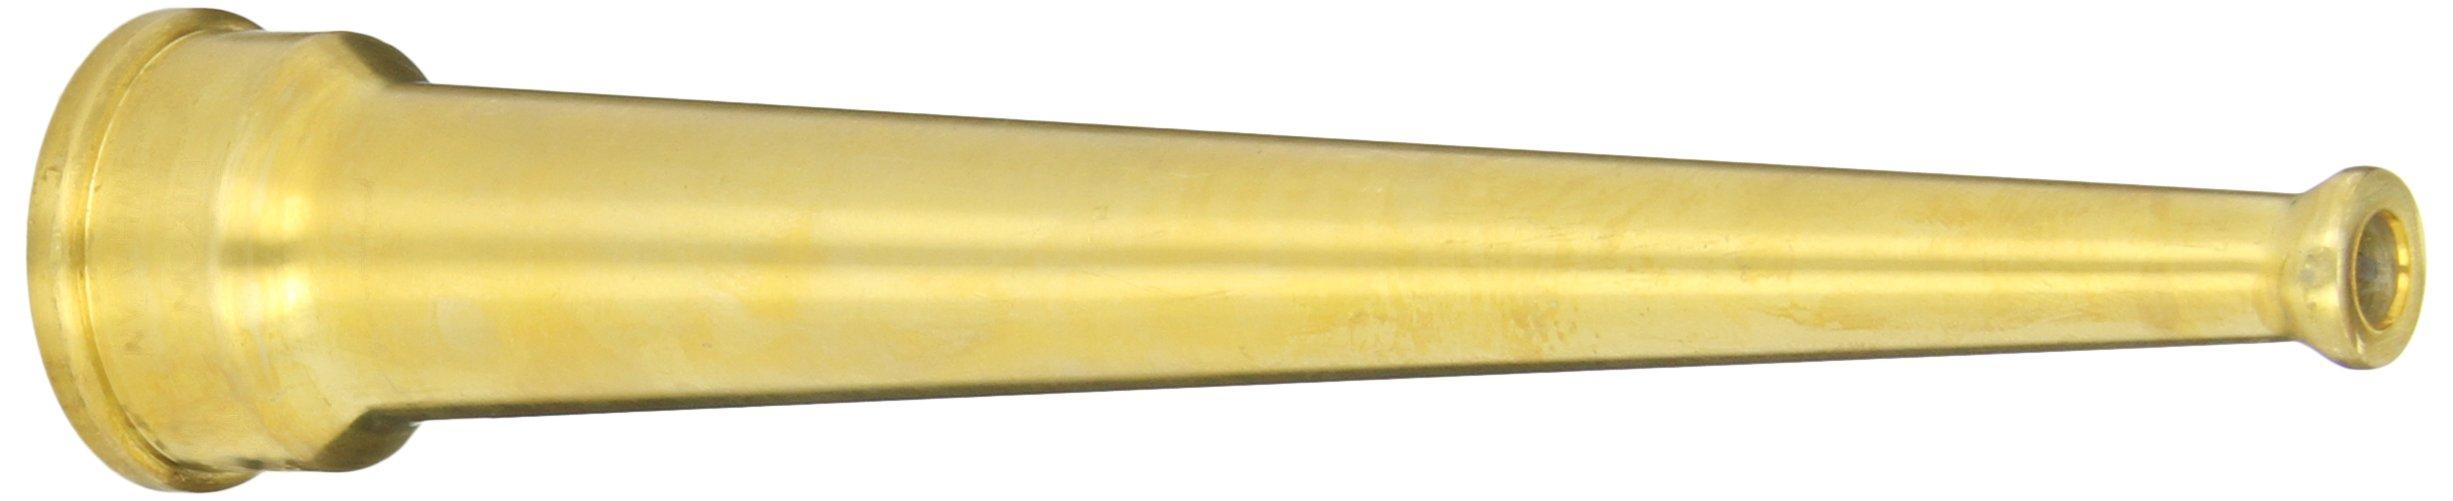 Dixon Valve BN10 Brass Fire Equipment, Plain Hose Nozzle, 1'' NPSH, 8'' Length, 5/16'' Orifice